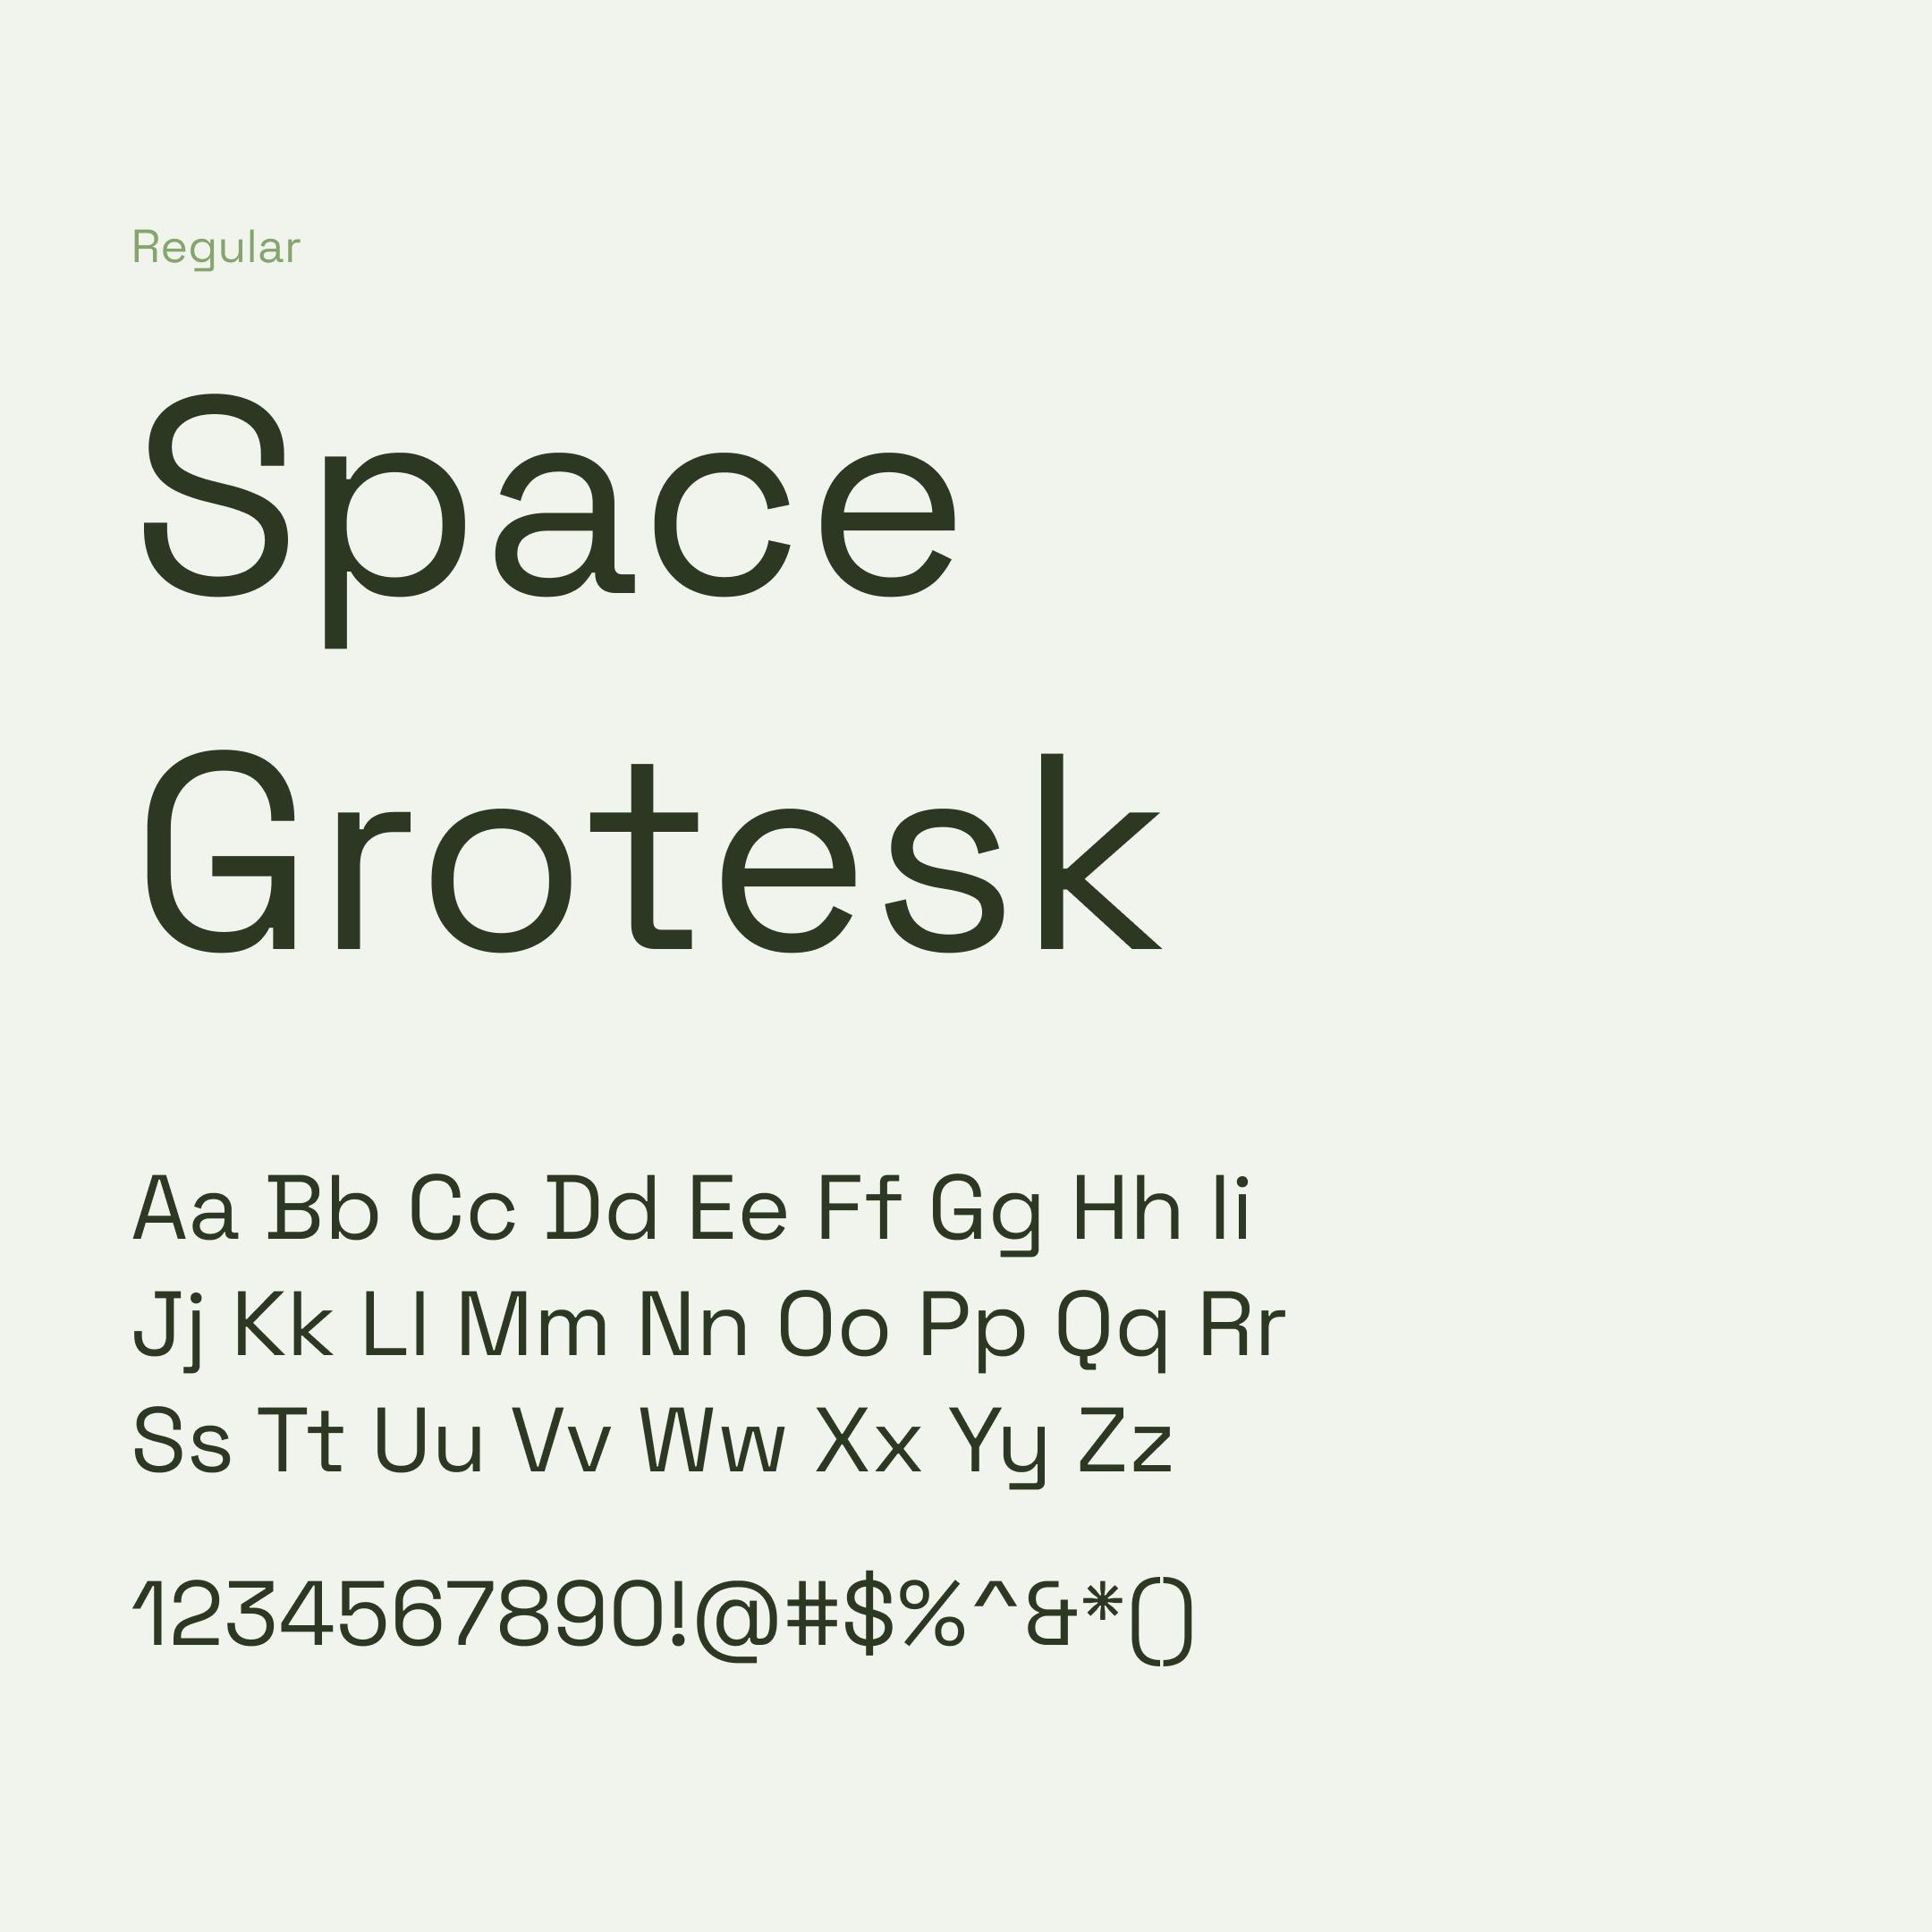 Space Grotesk